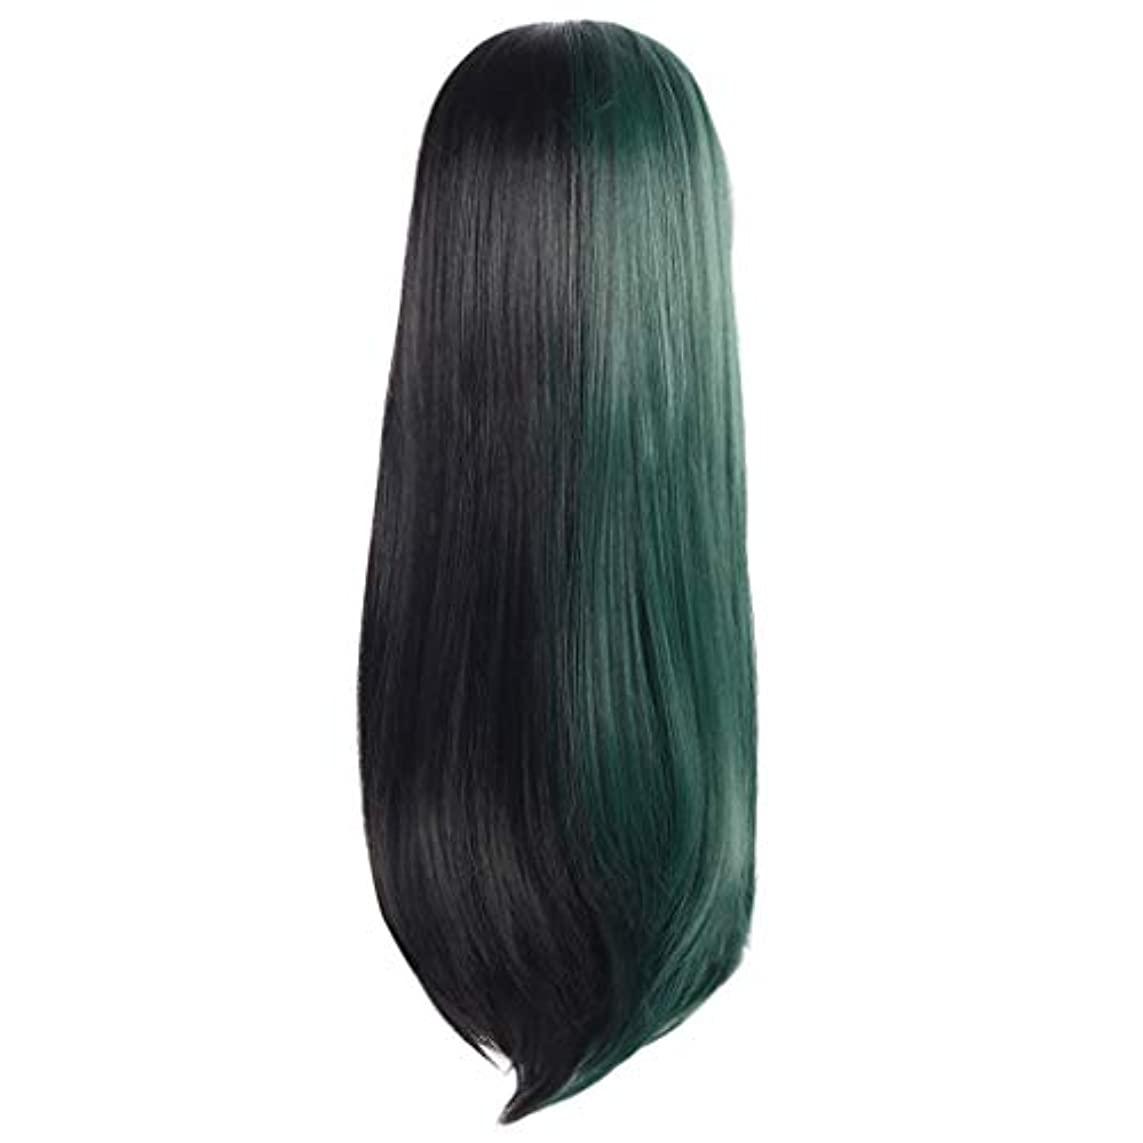 練る副産物スクリュー女性の長いストレートの髪黒緑のかつら創造的な性格かつらローズネット